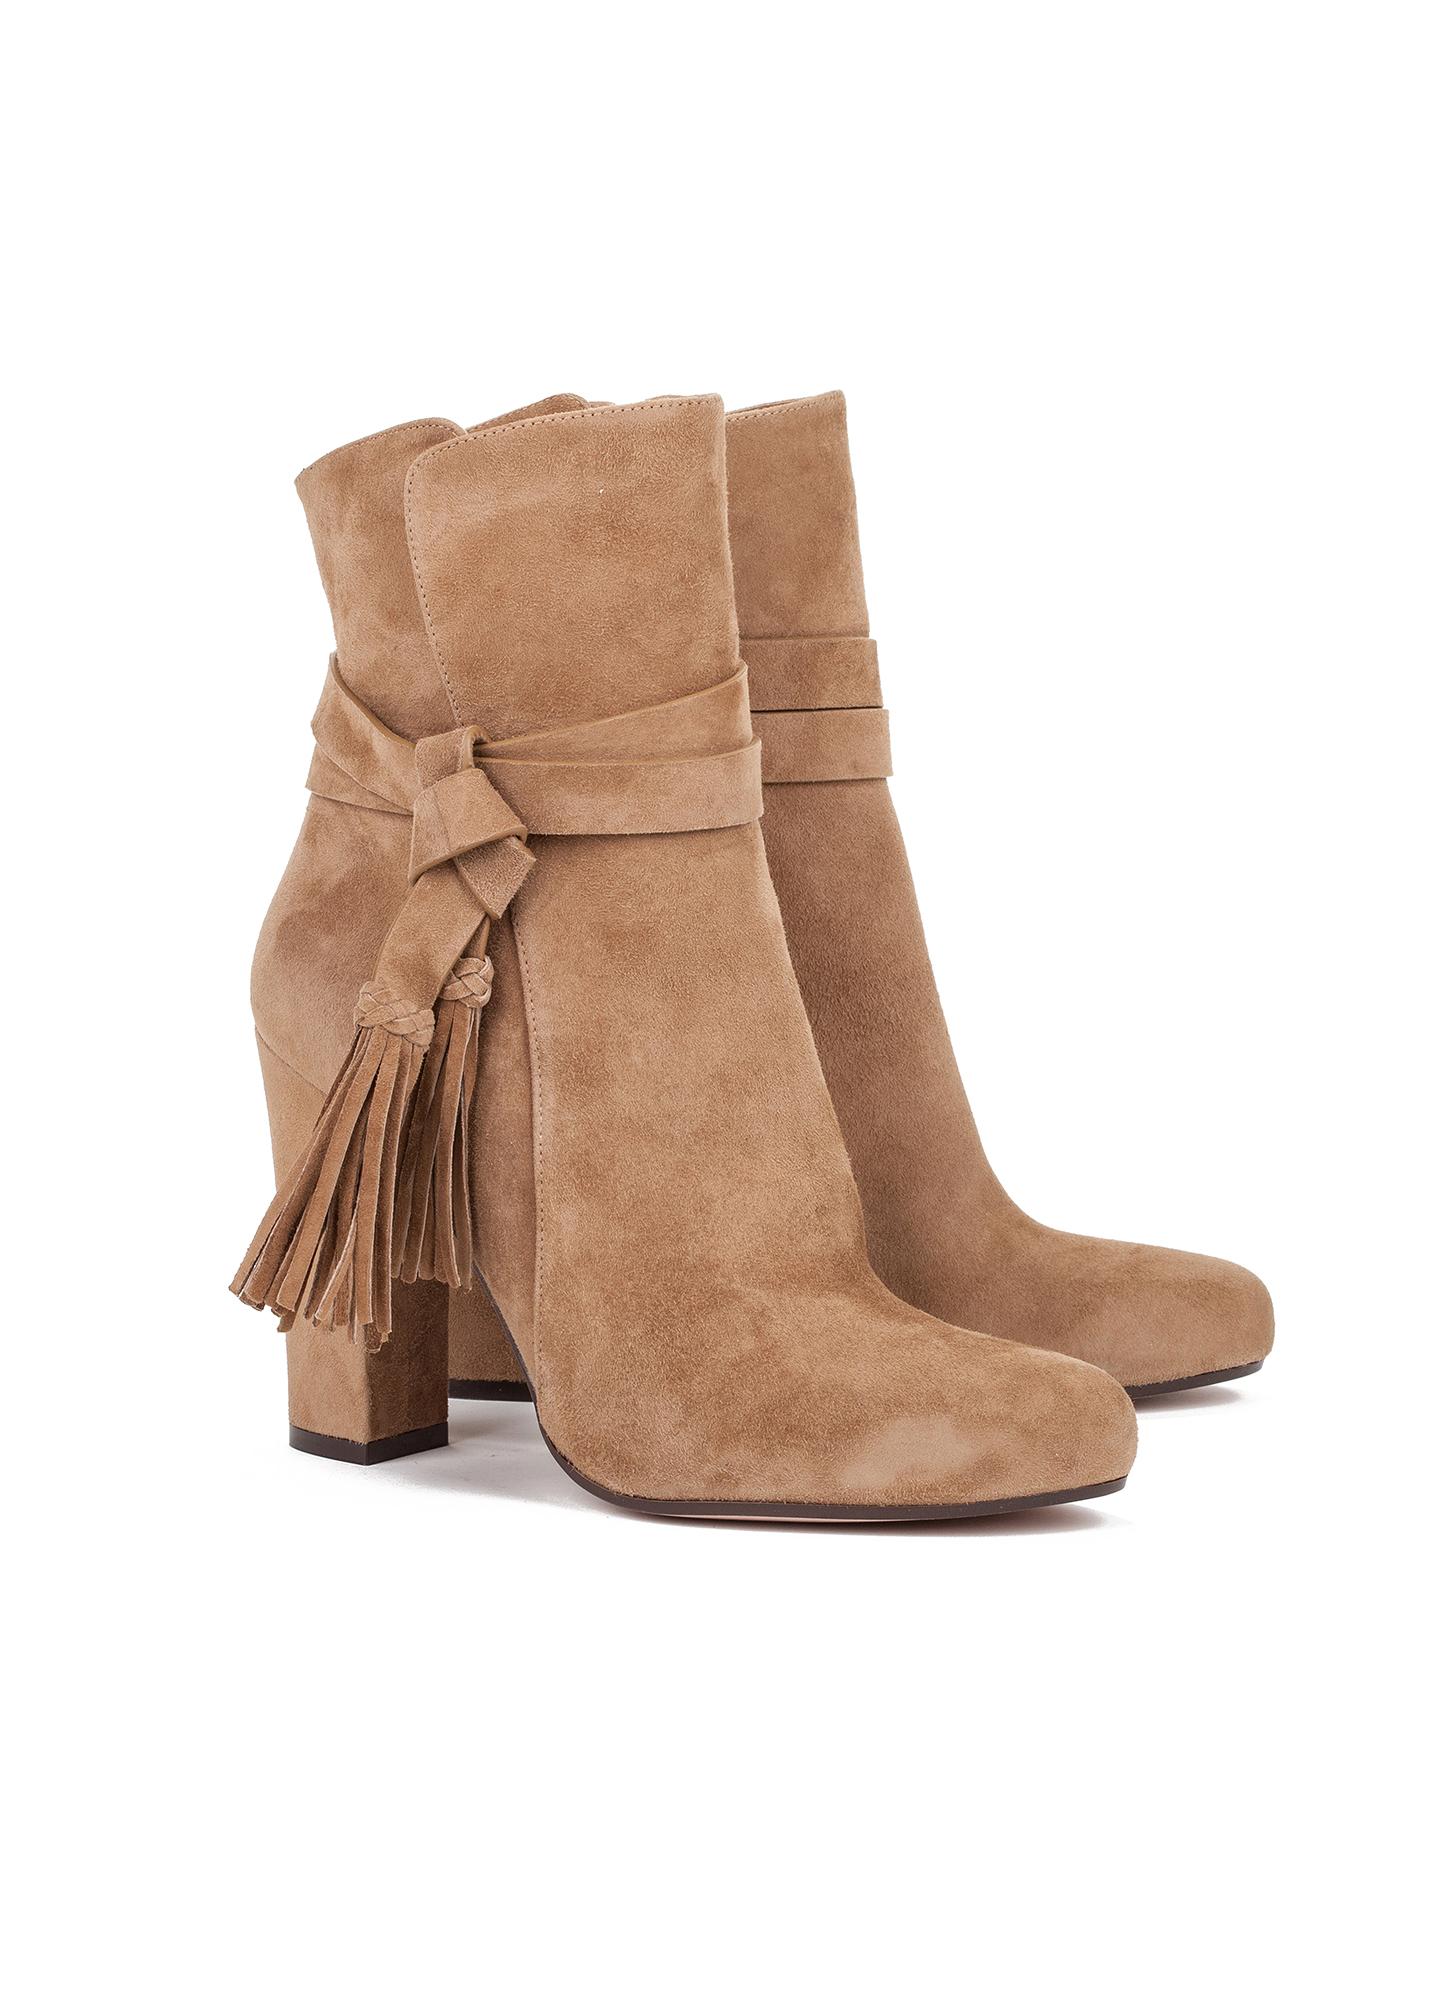 High heel boots in camel suede - online shoe store Pura Lopez